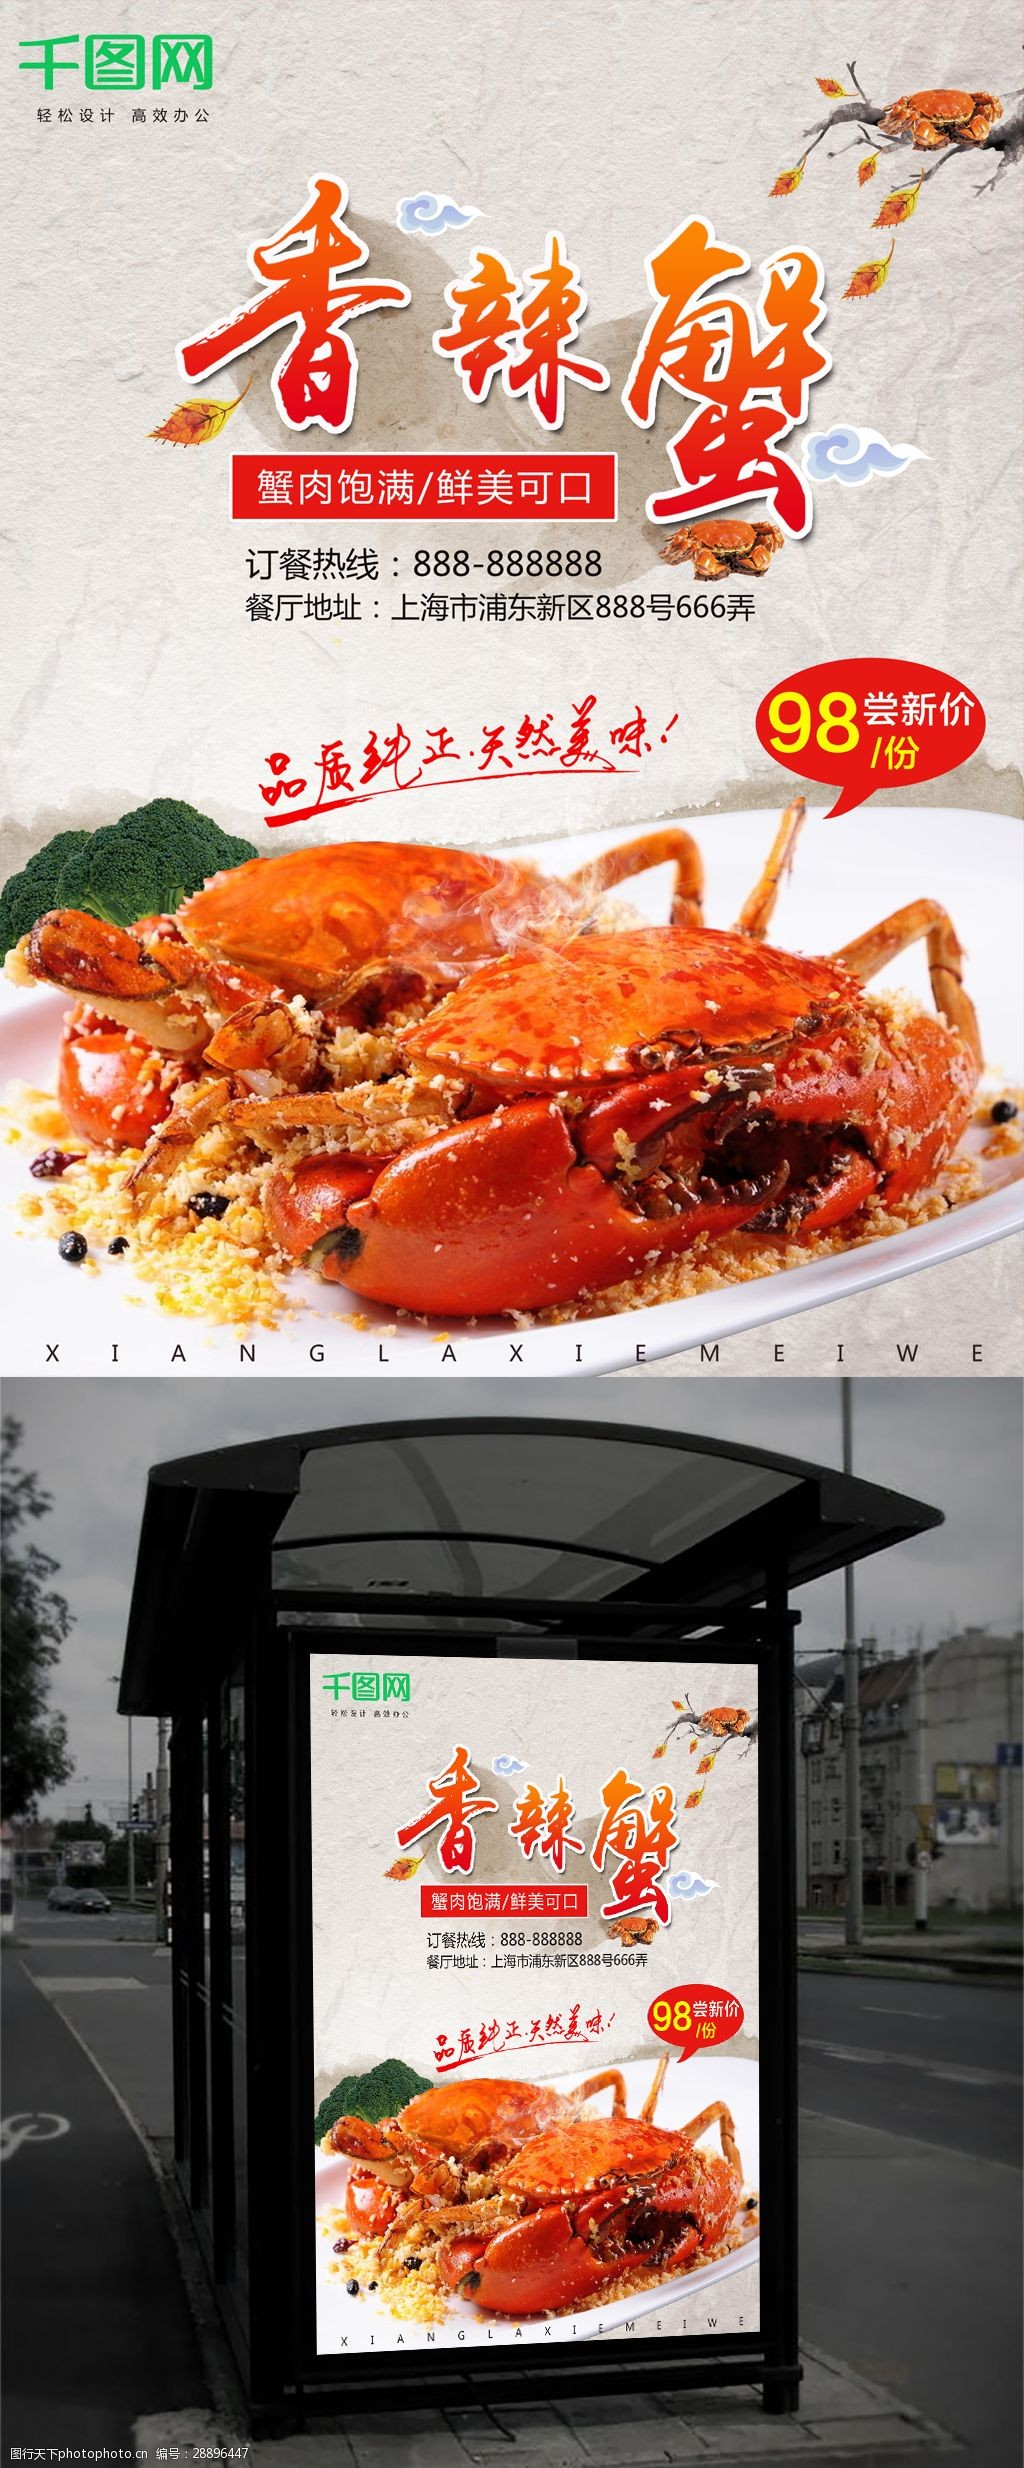 中國風簡約商城美味香辣蟹美食促銷海報